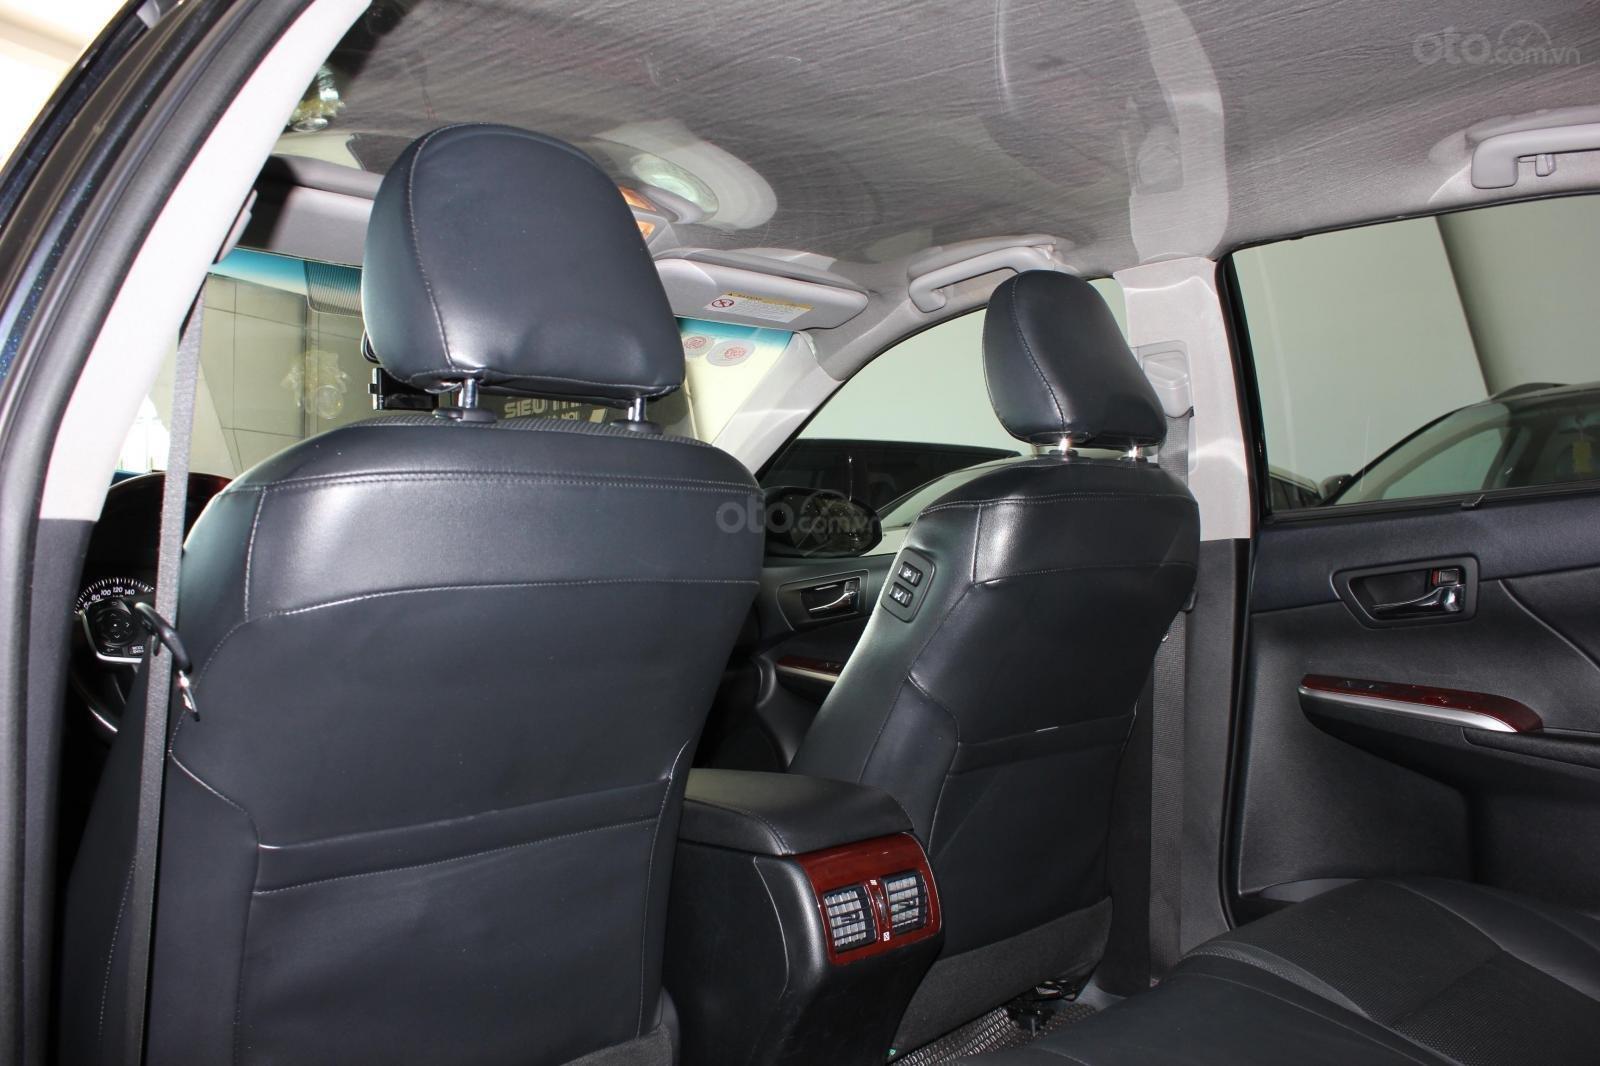 Cần bán Toyota Camry 2.5 Q 2013 bản full, màu đen, giá chỉ 755 triệu (22)